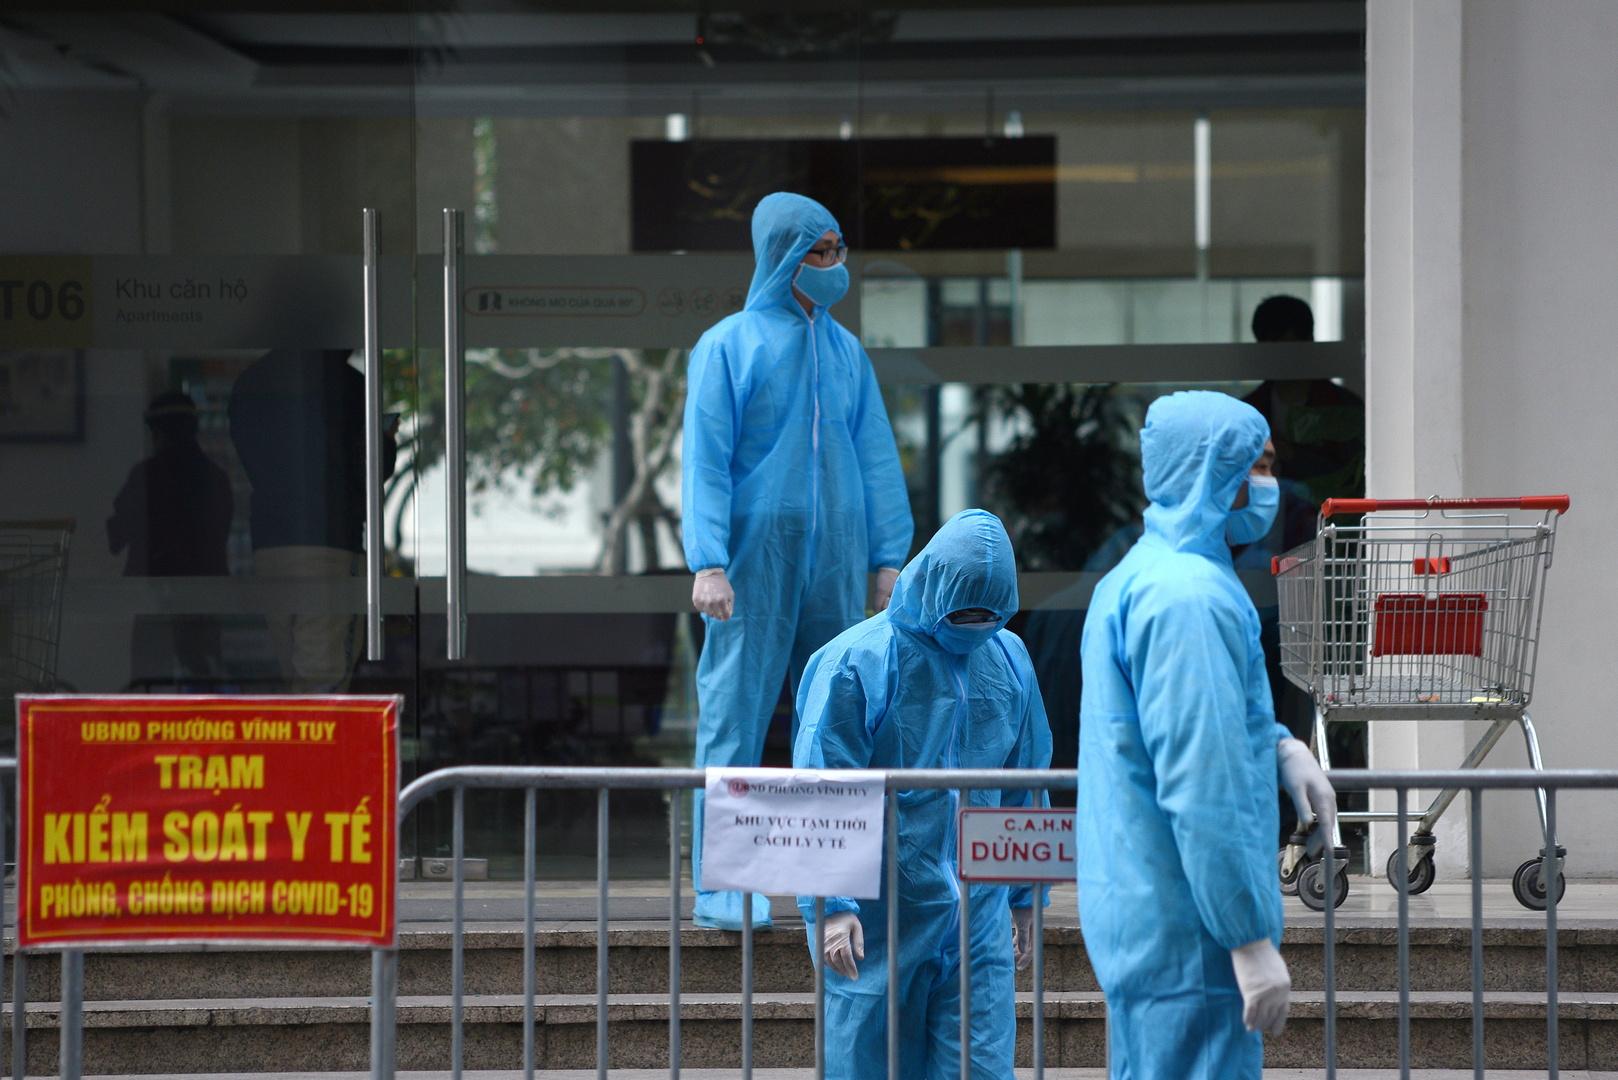 ظهور سلالة متحورة جديدة من كورونا أشد خطرا في فيتنام